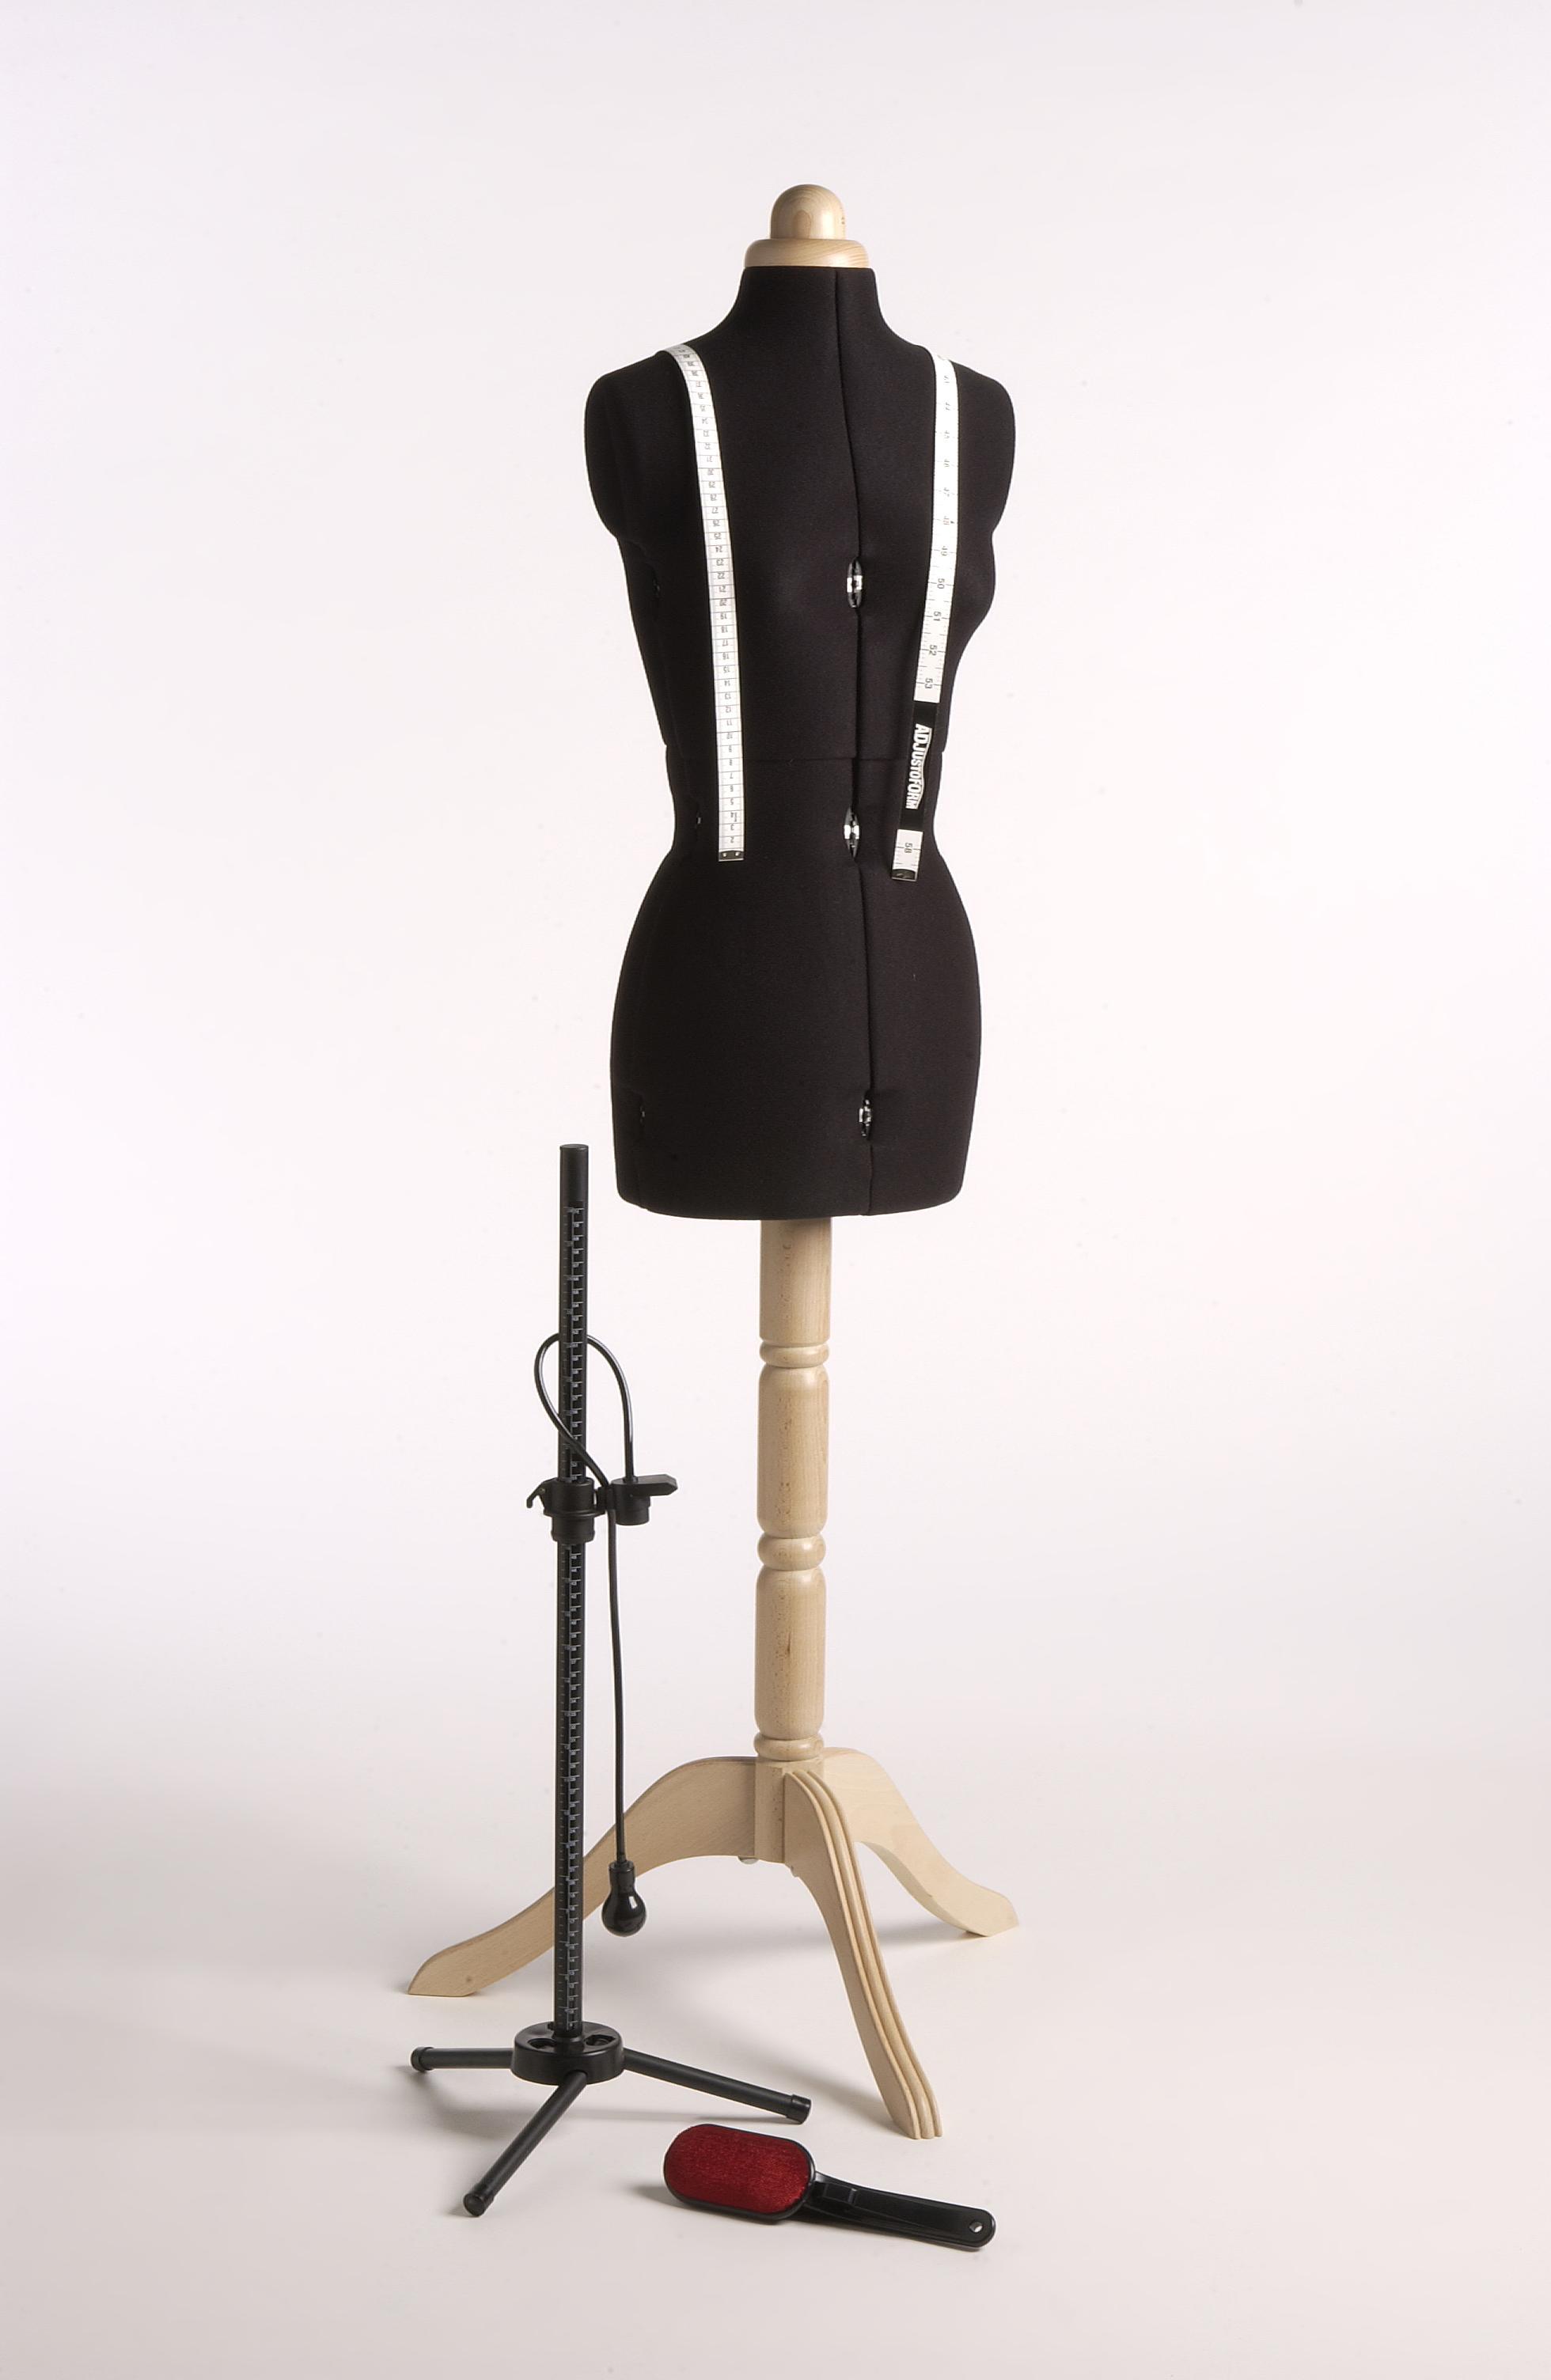 בובת דיגום מקצועית על עמוד עץ - תוצרת אנגליה